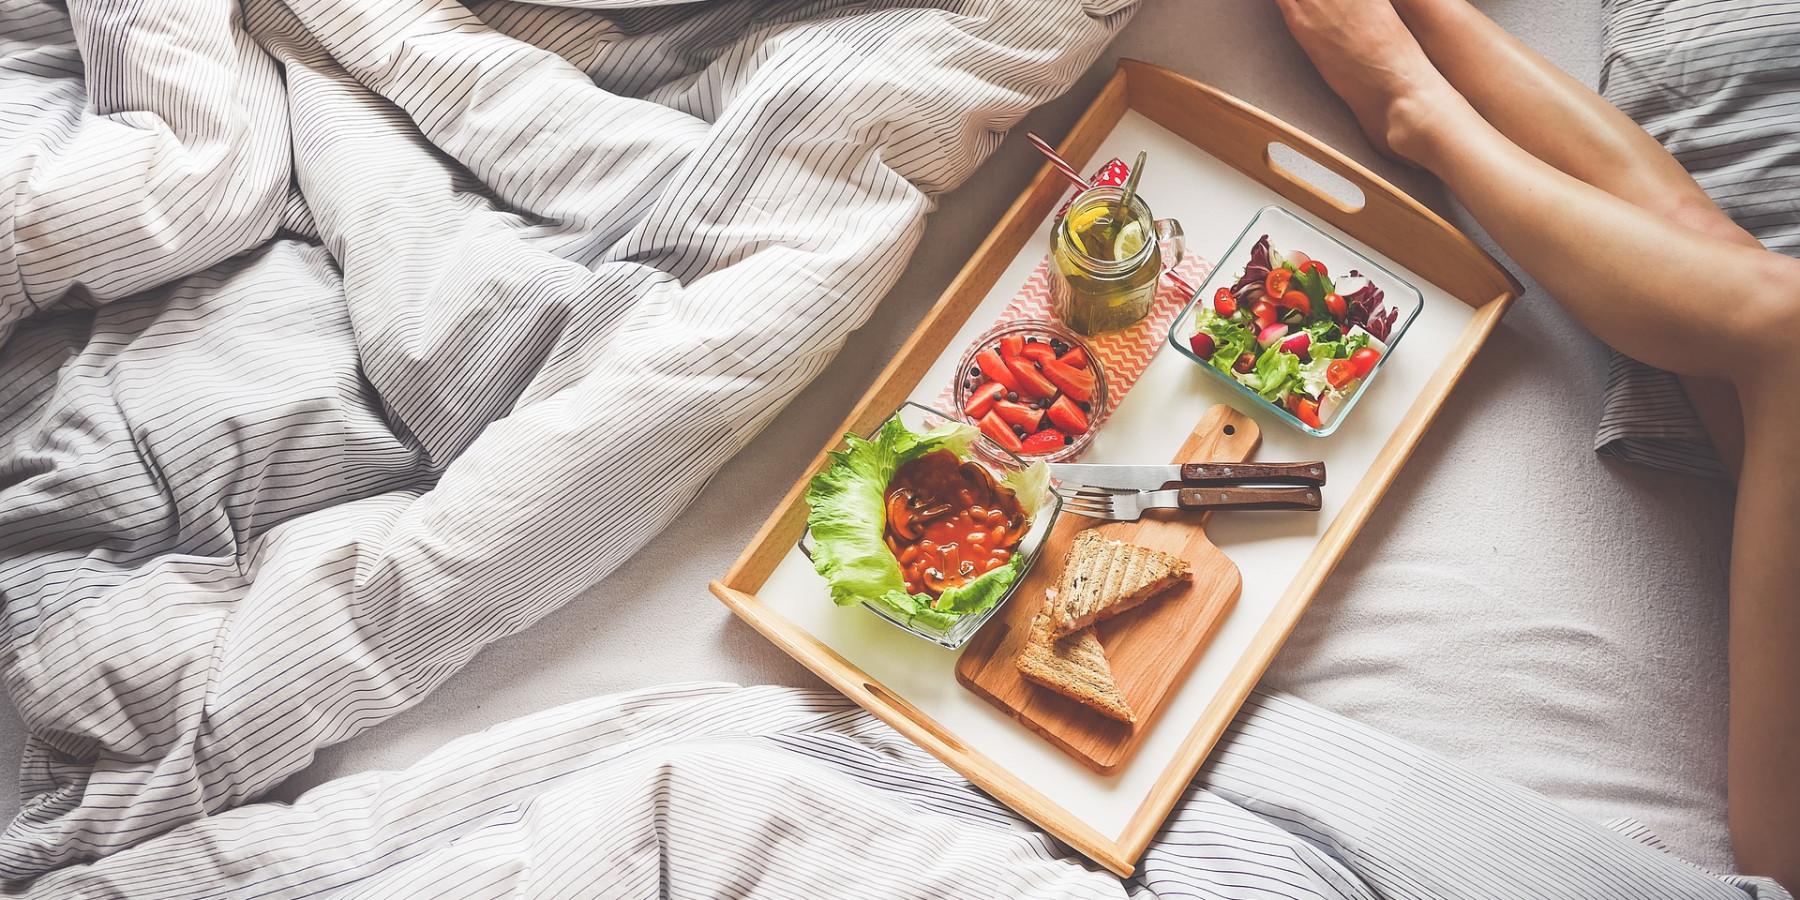 Frühstück oder nicht? Lassen Sie Ihren Bauch entscheiden